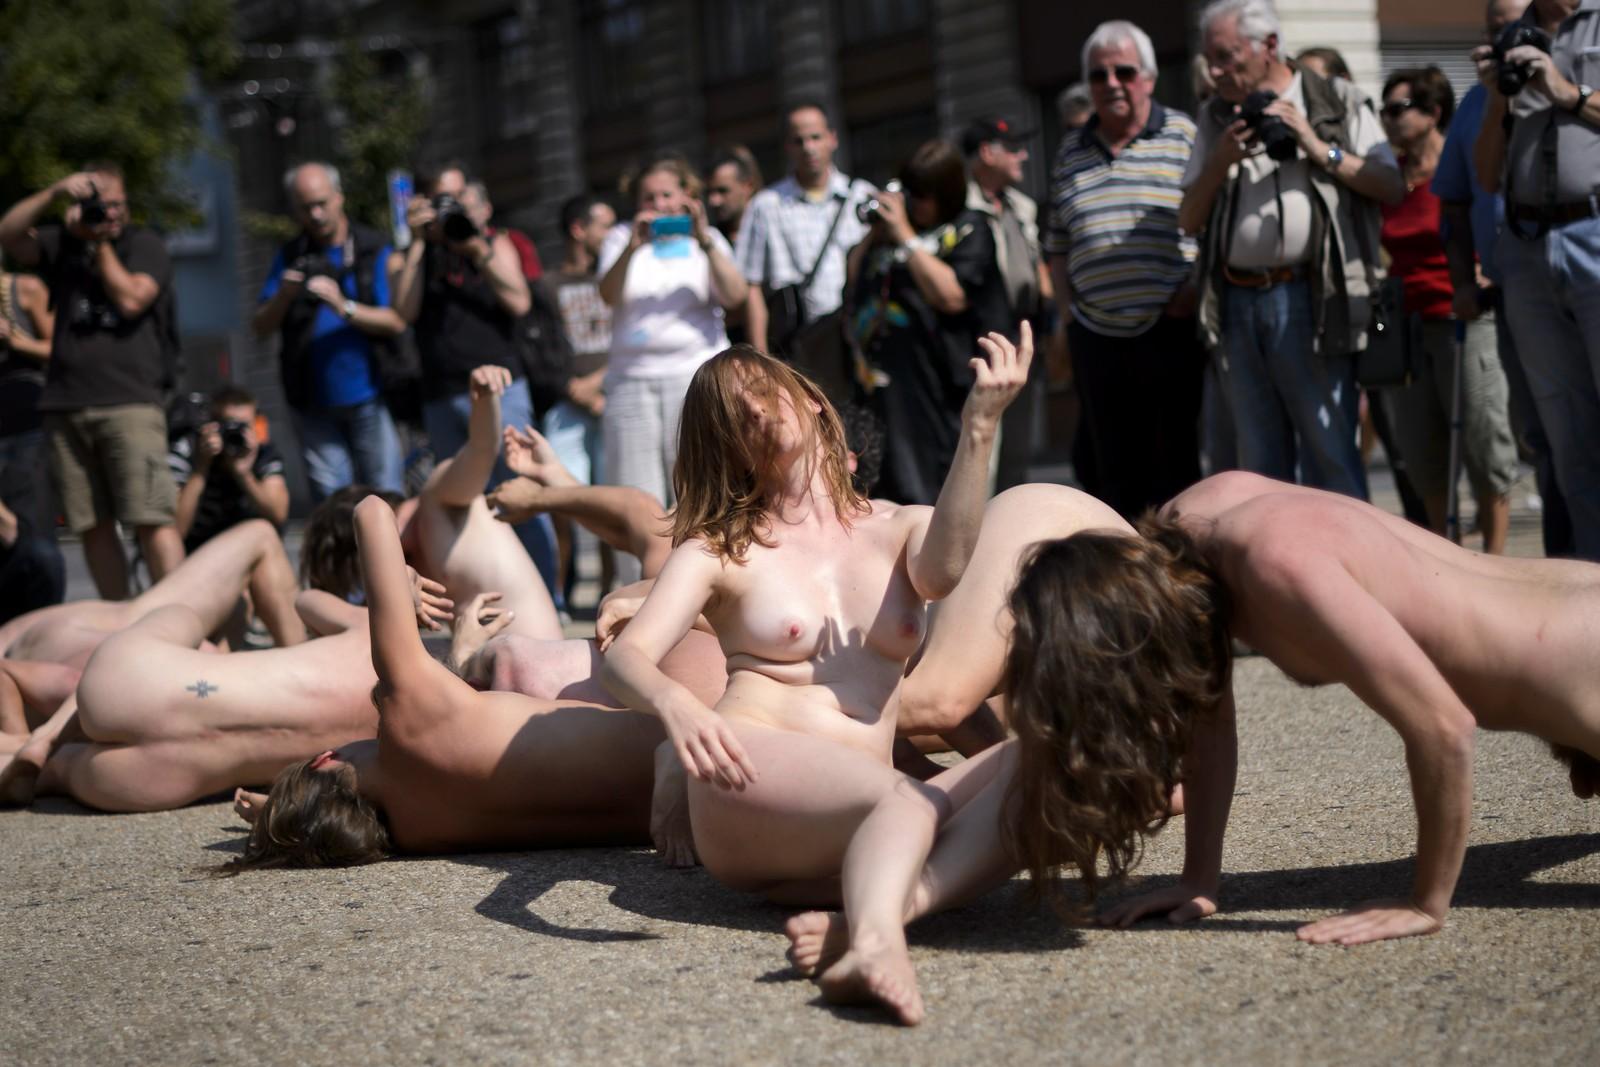 """Den franske gruppa """"Den kollektive kroppen"""" (Le Corps collectif) opptrådde under festivalen, som foregikk i Biel, tidligere mest kjent for å være hjembyen til Rolex og Swatch."""